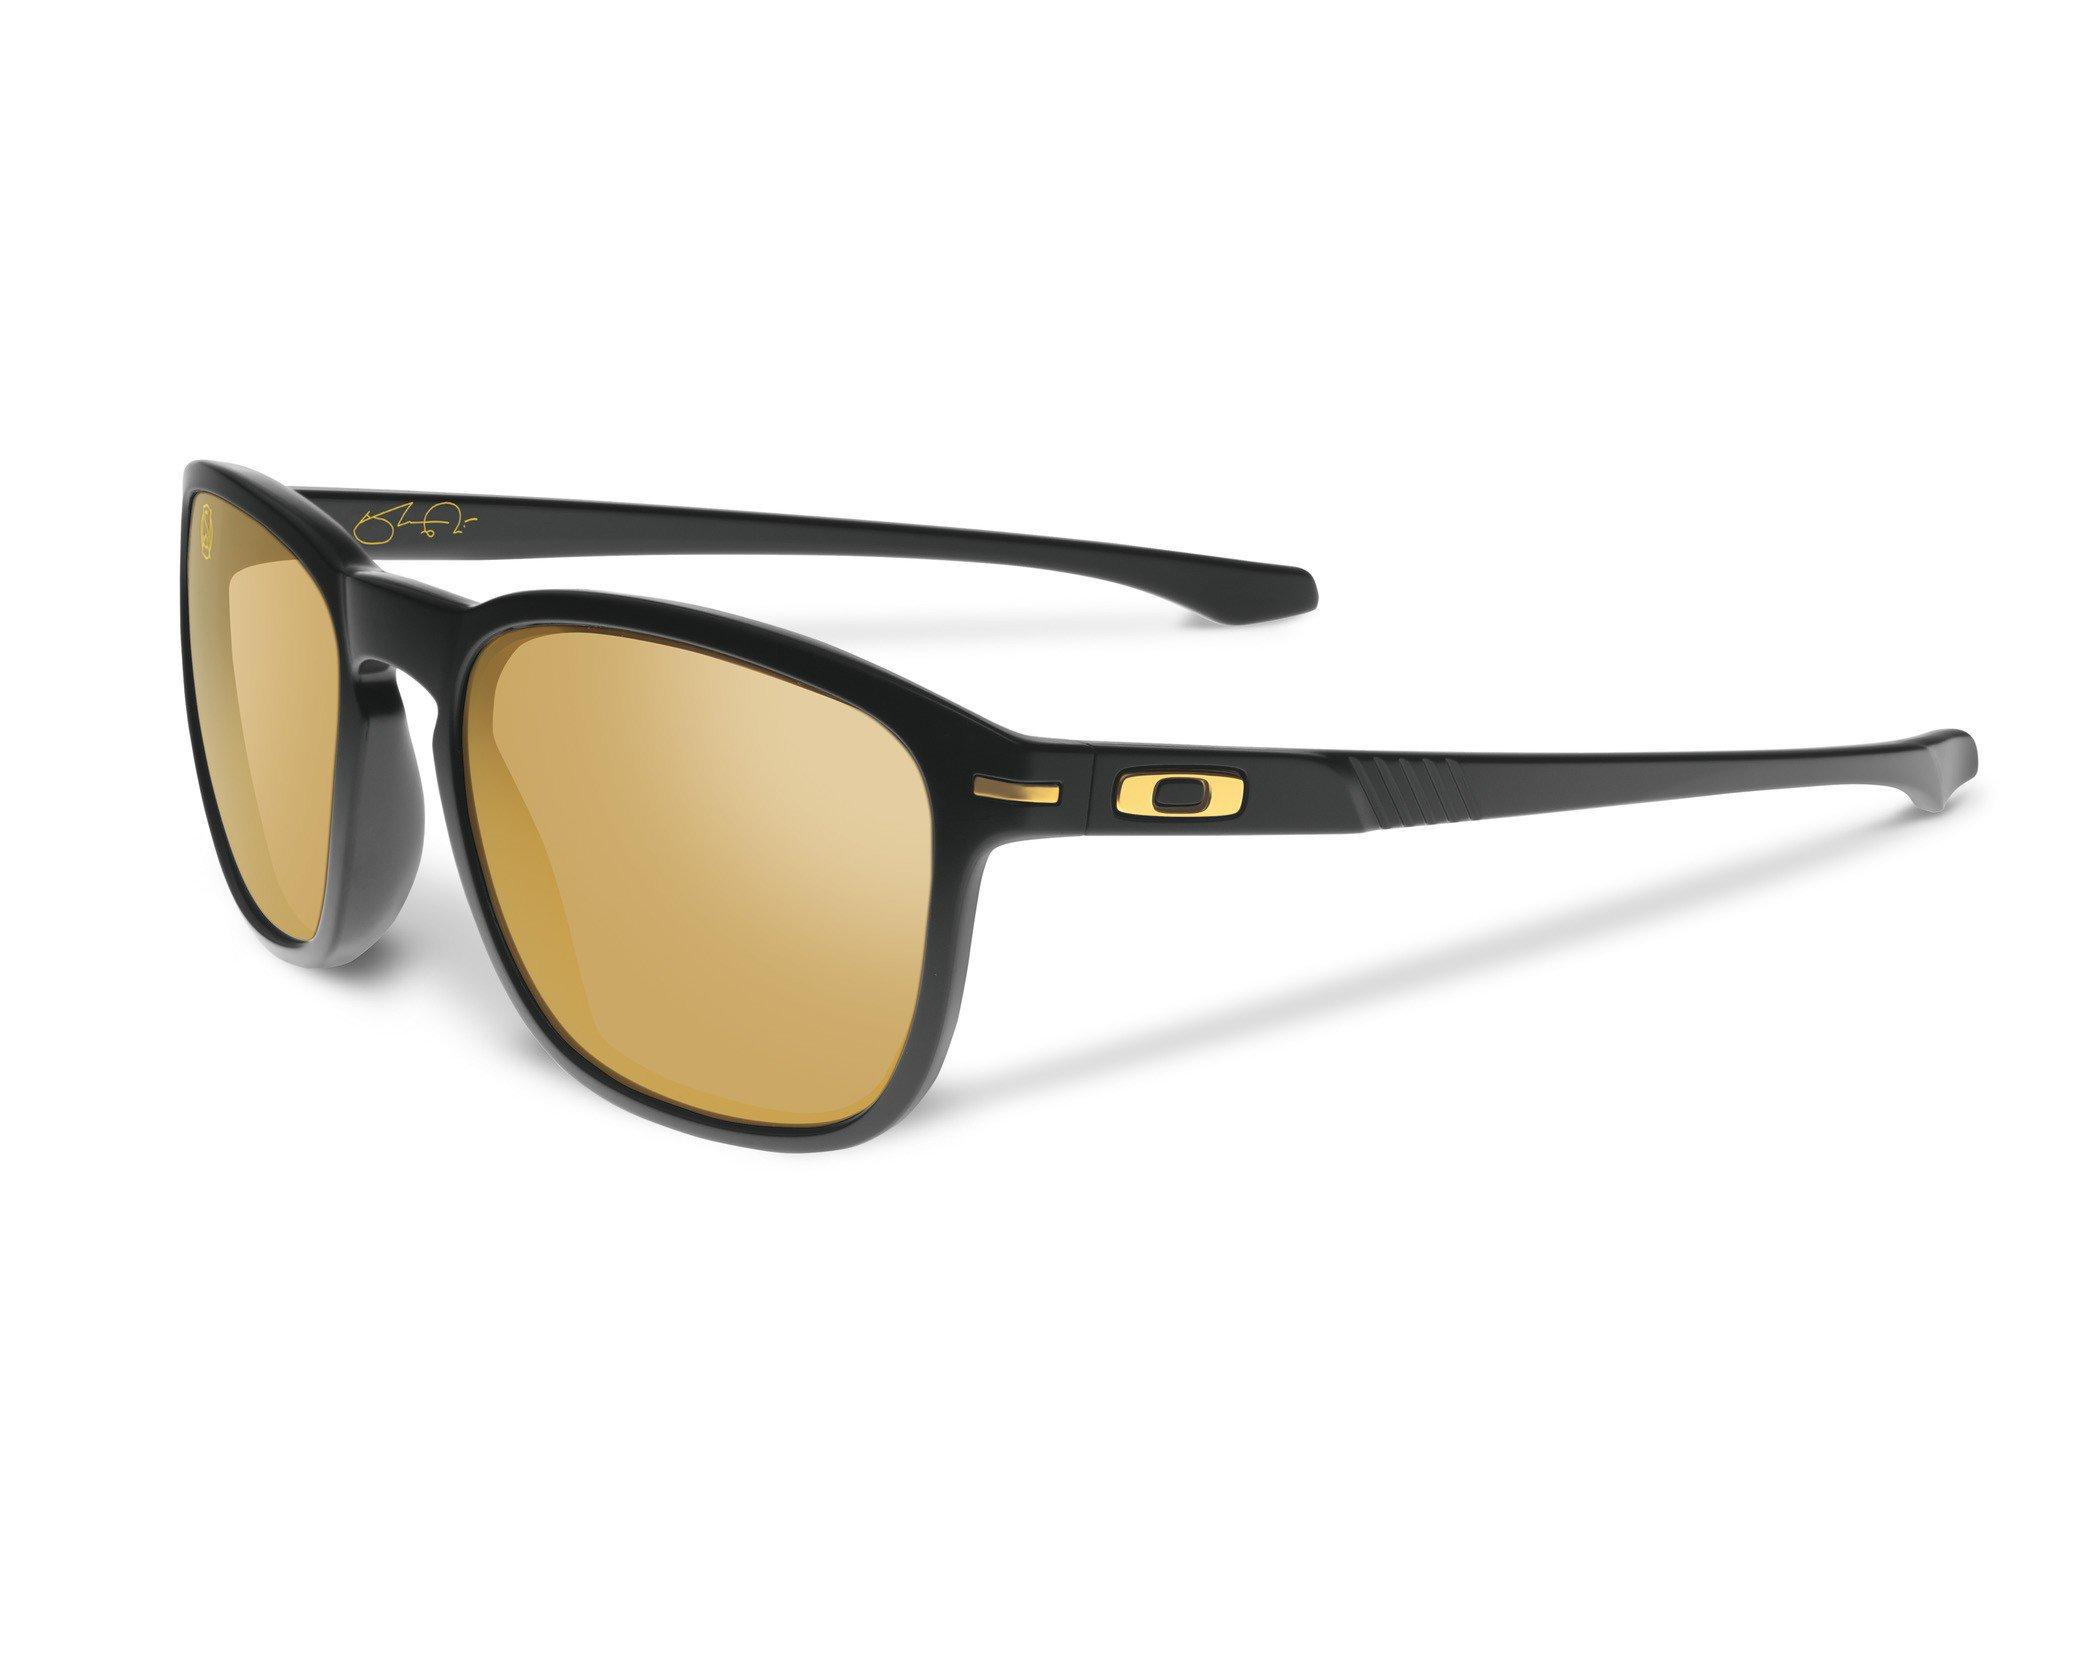 Sluneční brýle Oakley Enduro černé matné